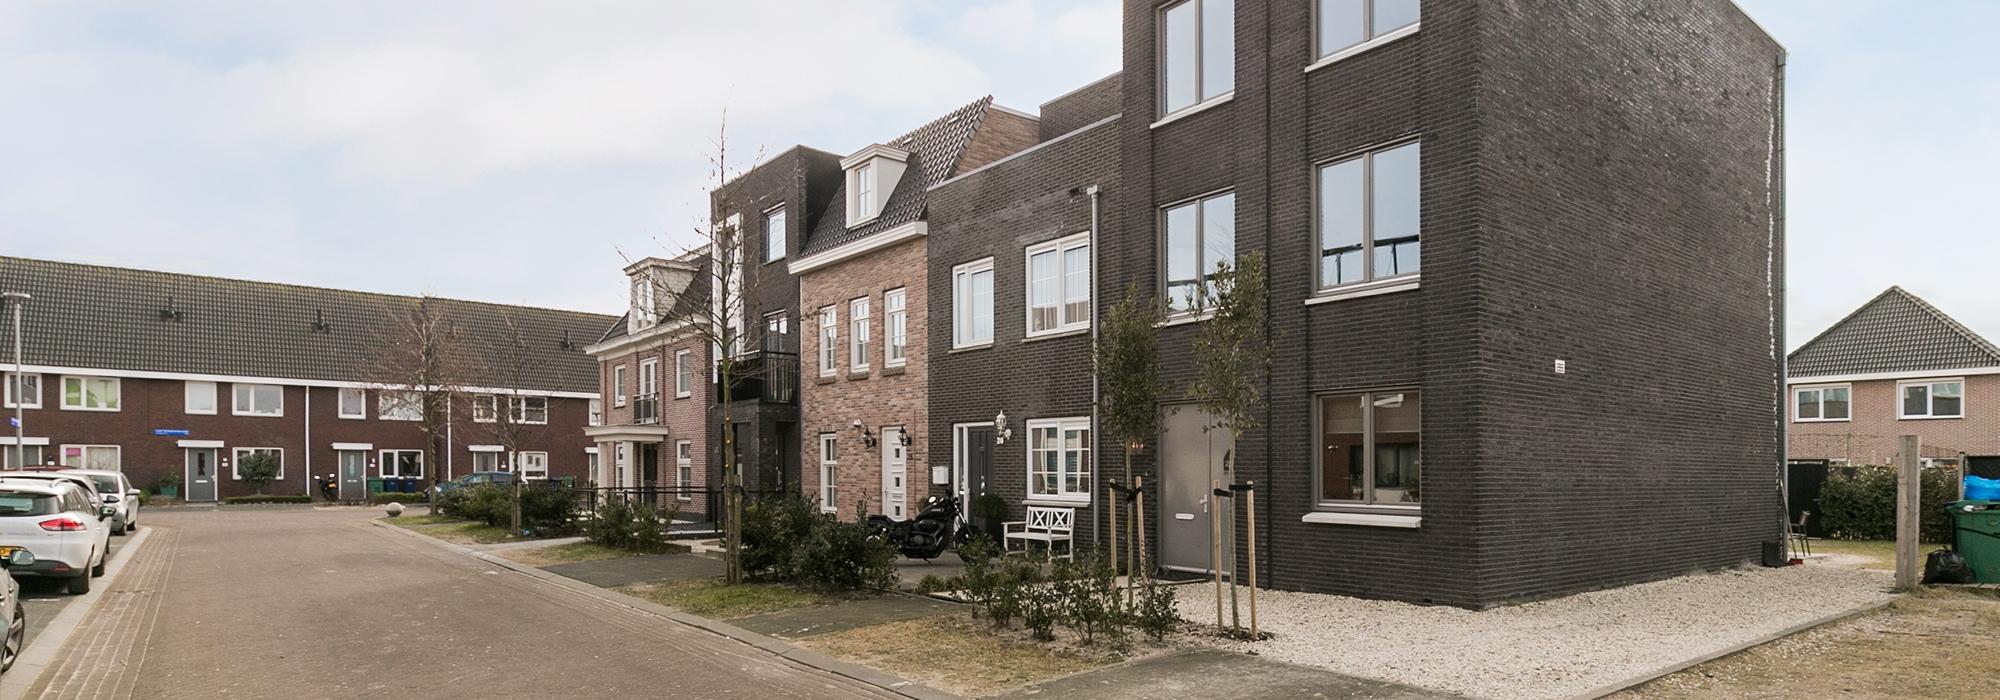 Erik de Rodestraat 24 Almere